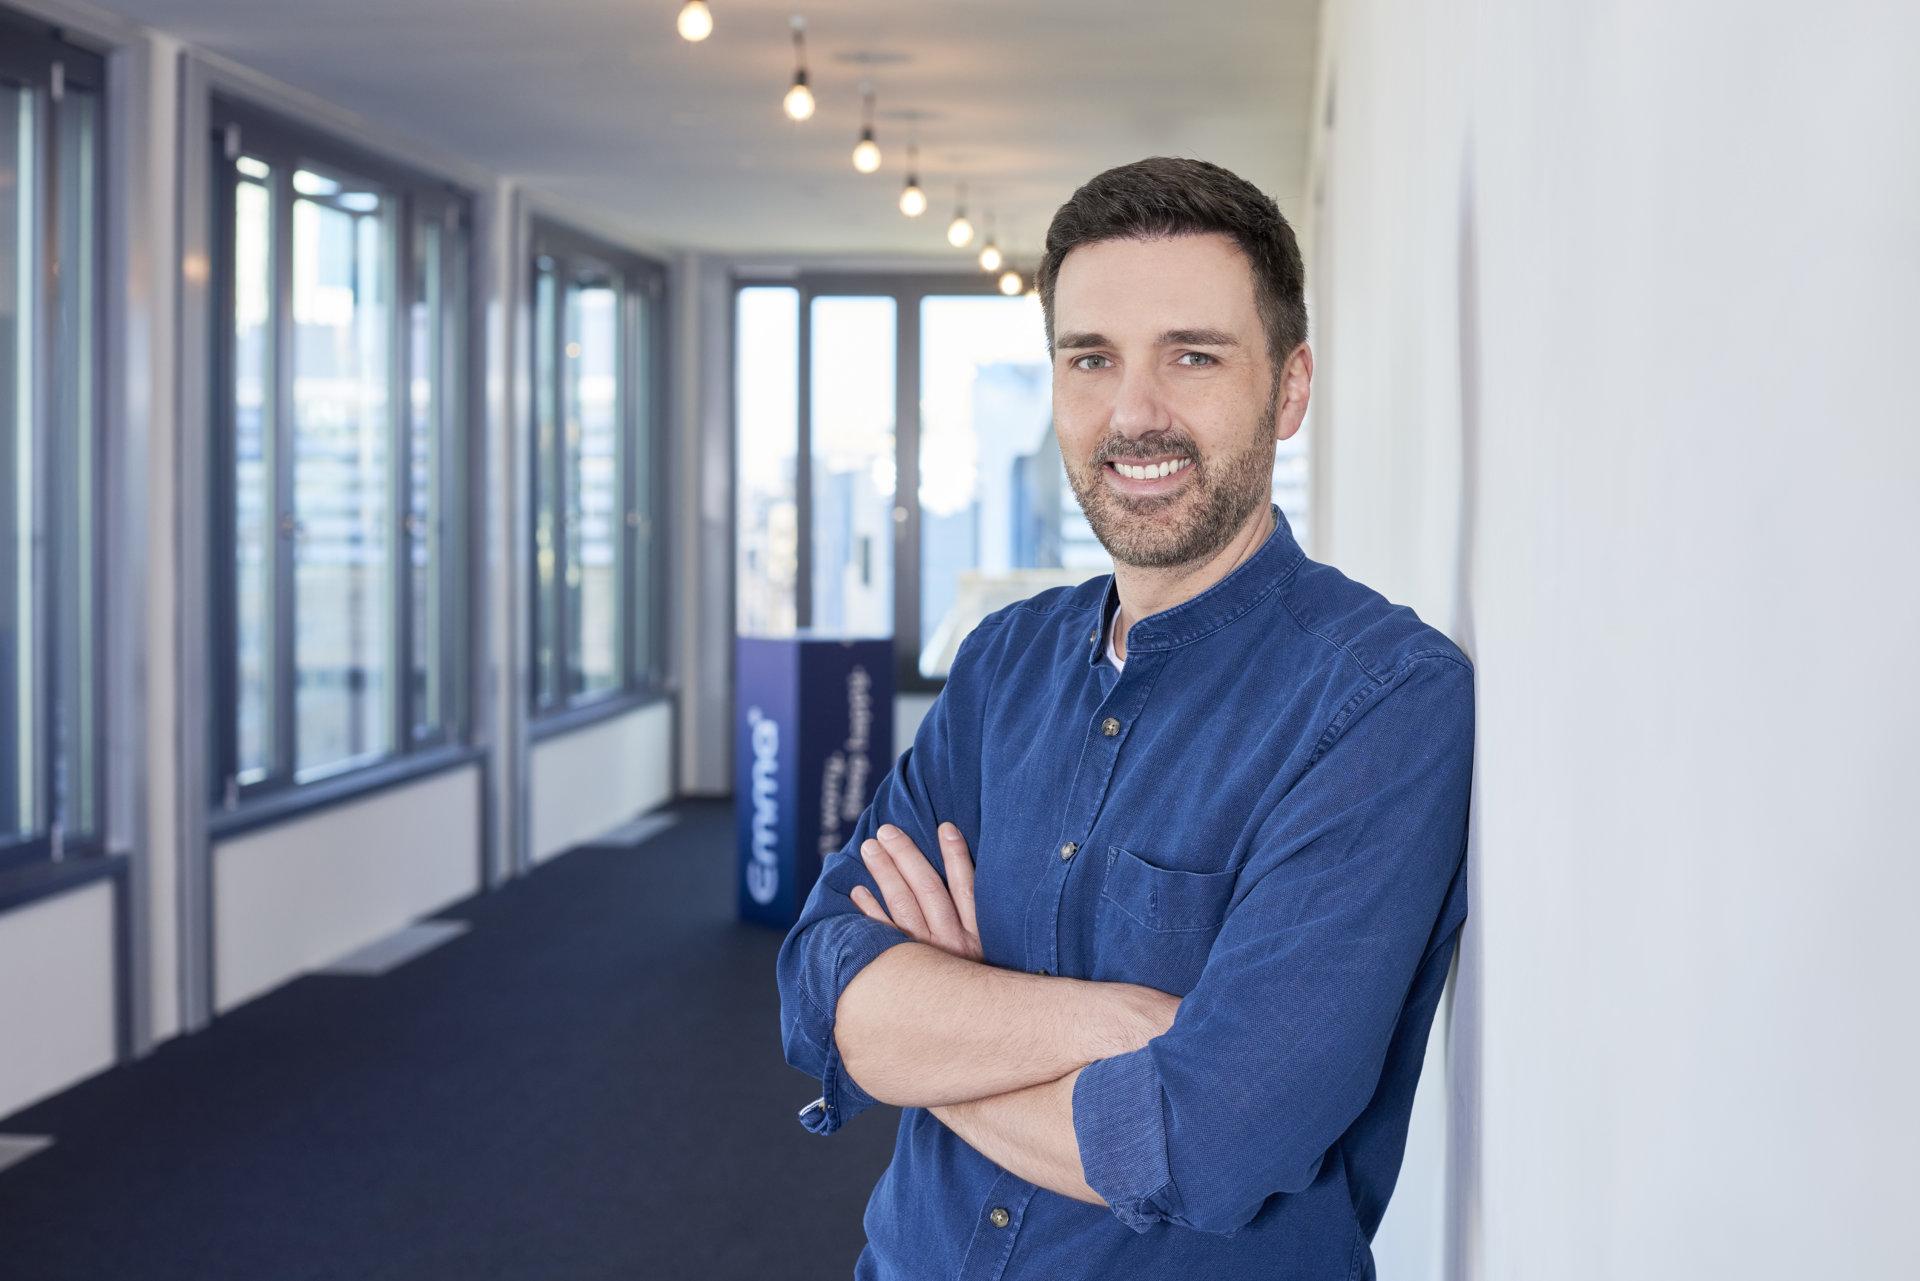 Porträt von Manuel Mueller, CEO und Founder von Emma, The Sleep Company im Büro